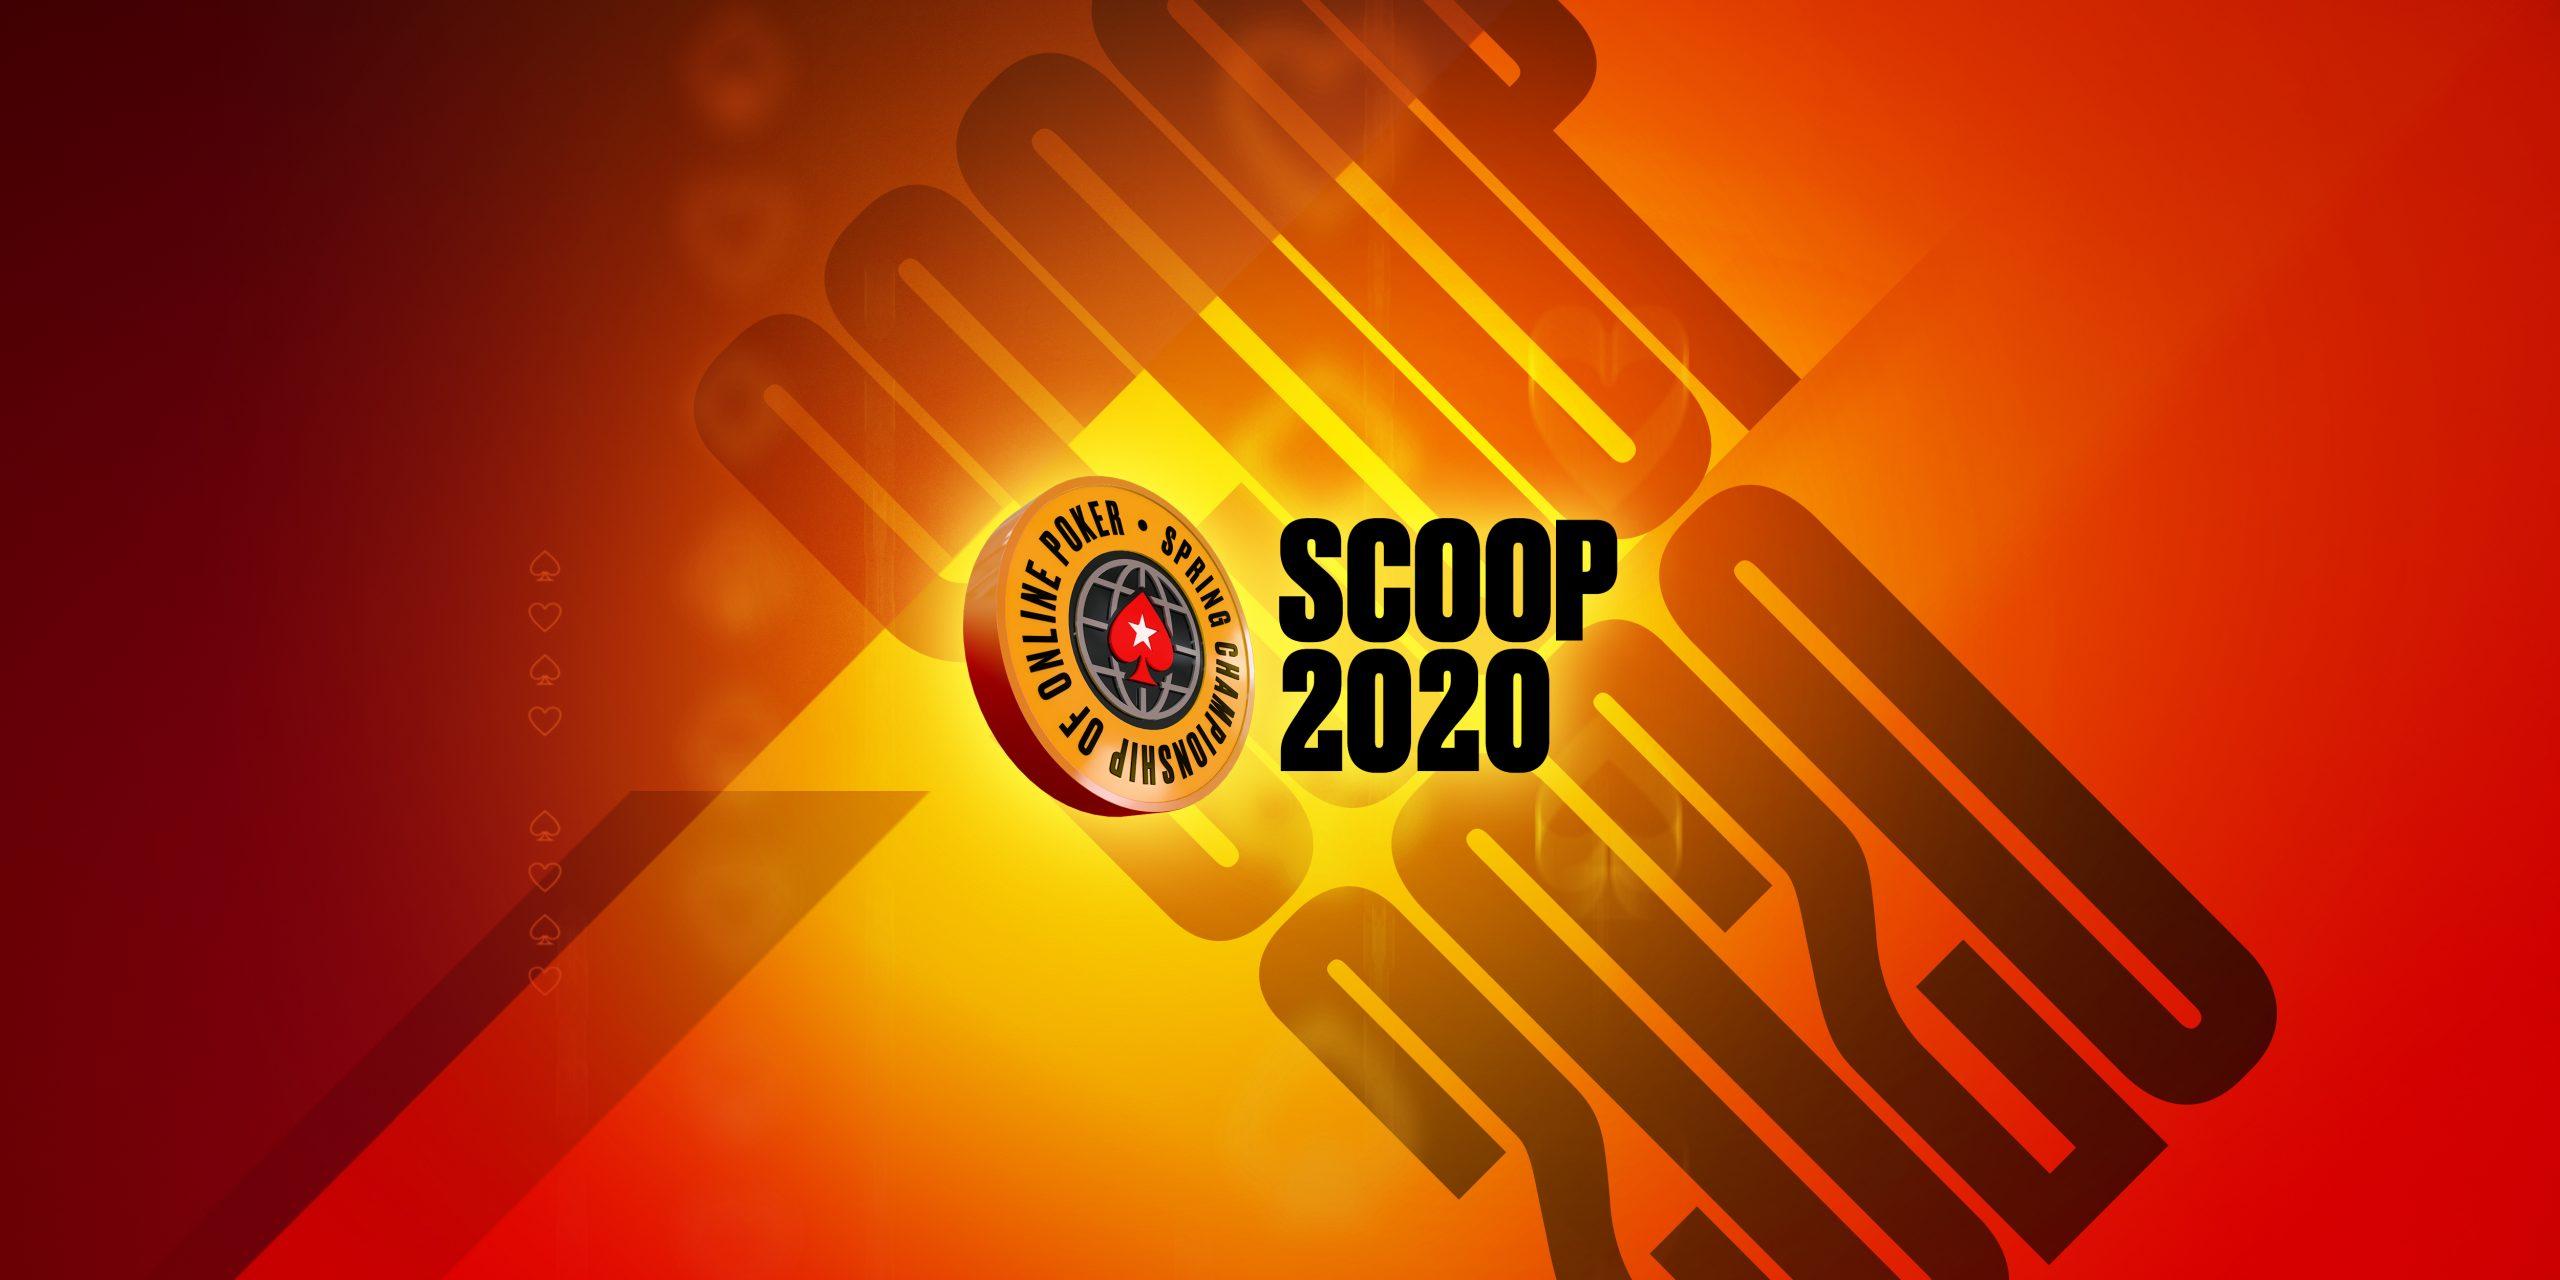 SCOOP-2020-poker-online